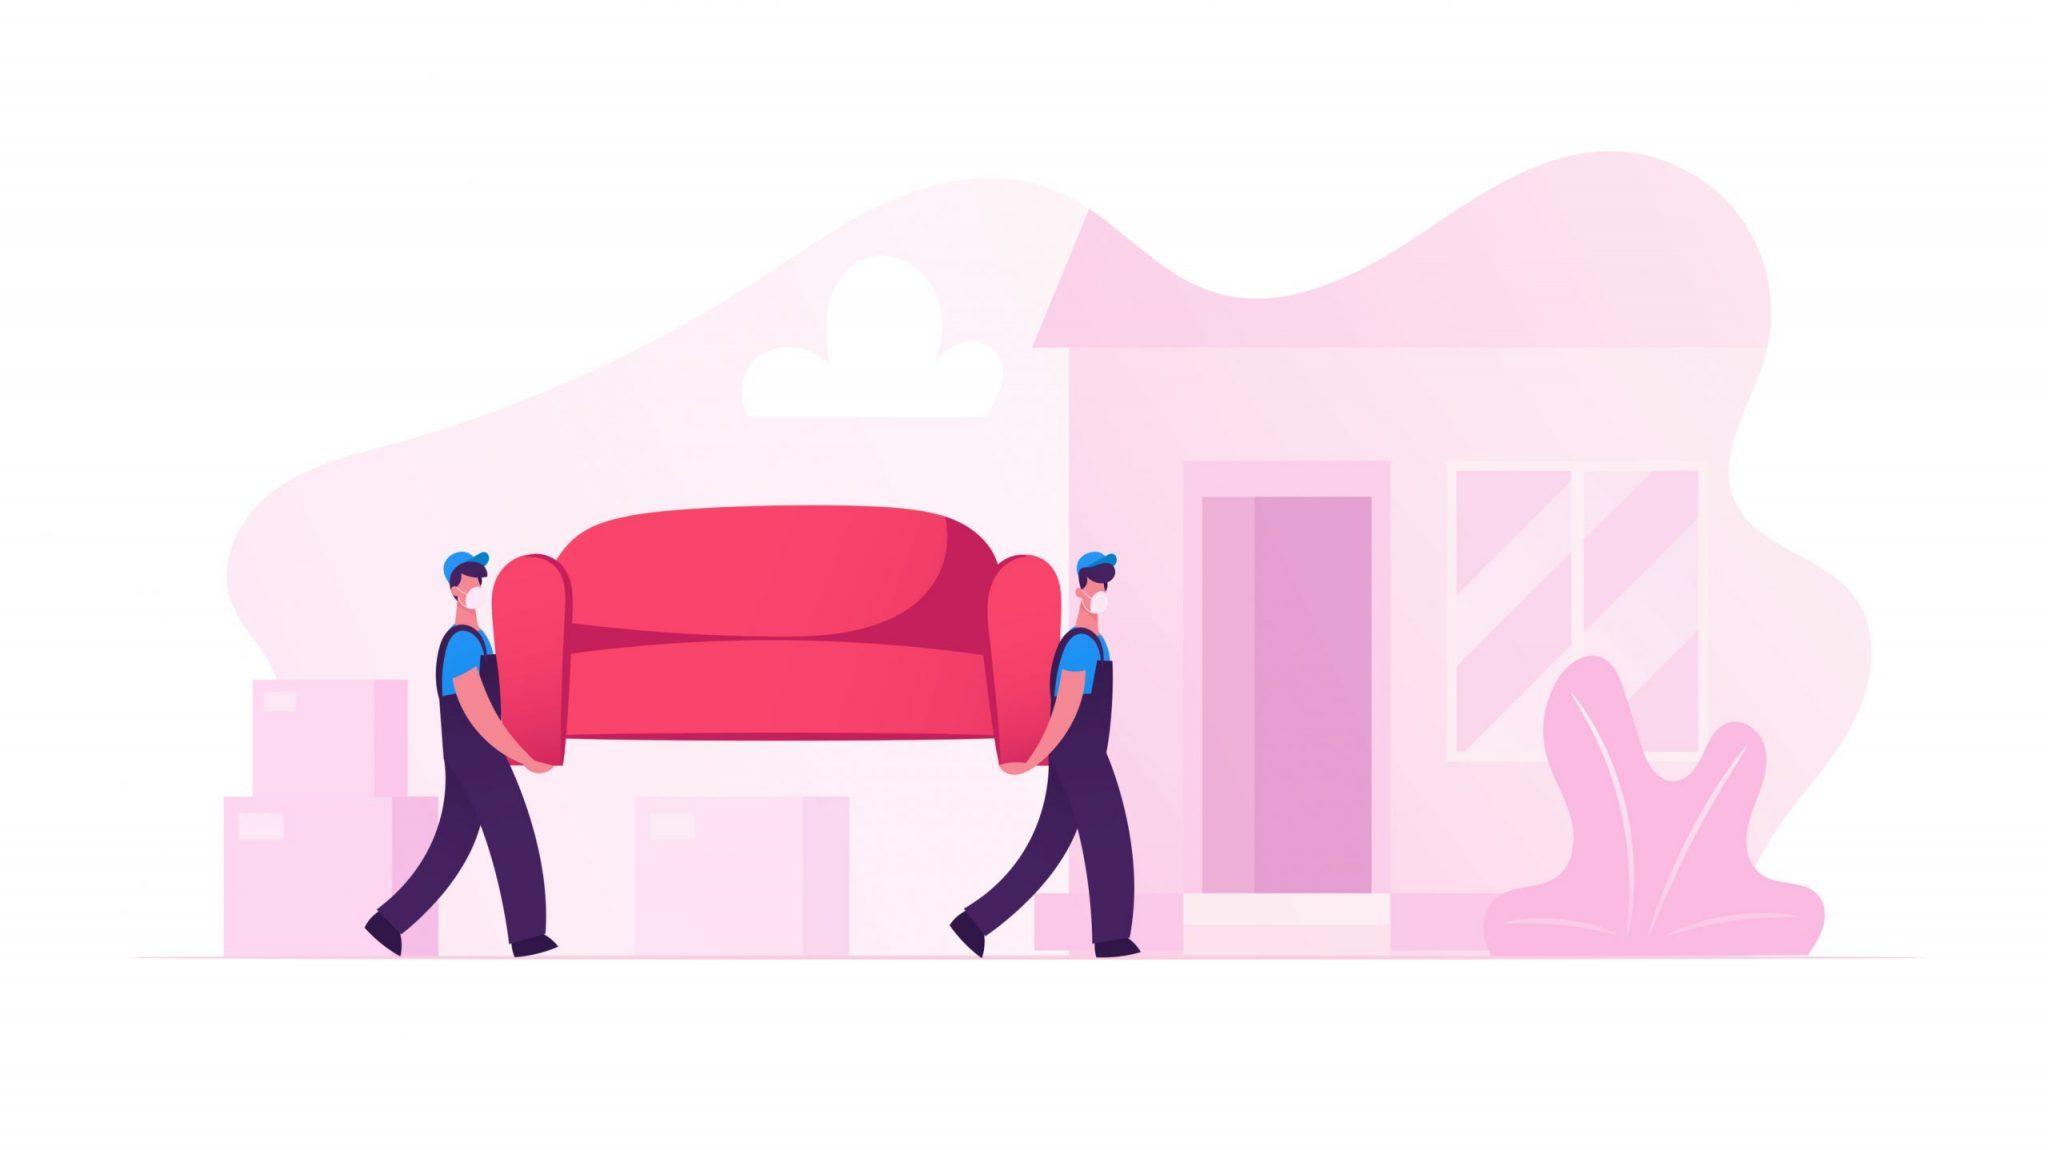 אדם בתוך ביתו הוא גר: עלייה בשיפוצי בתים מאז הקורונה